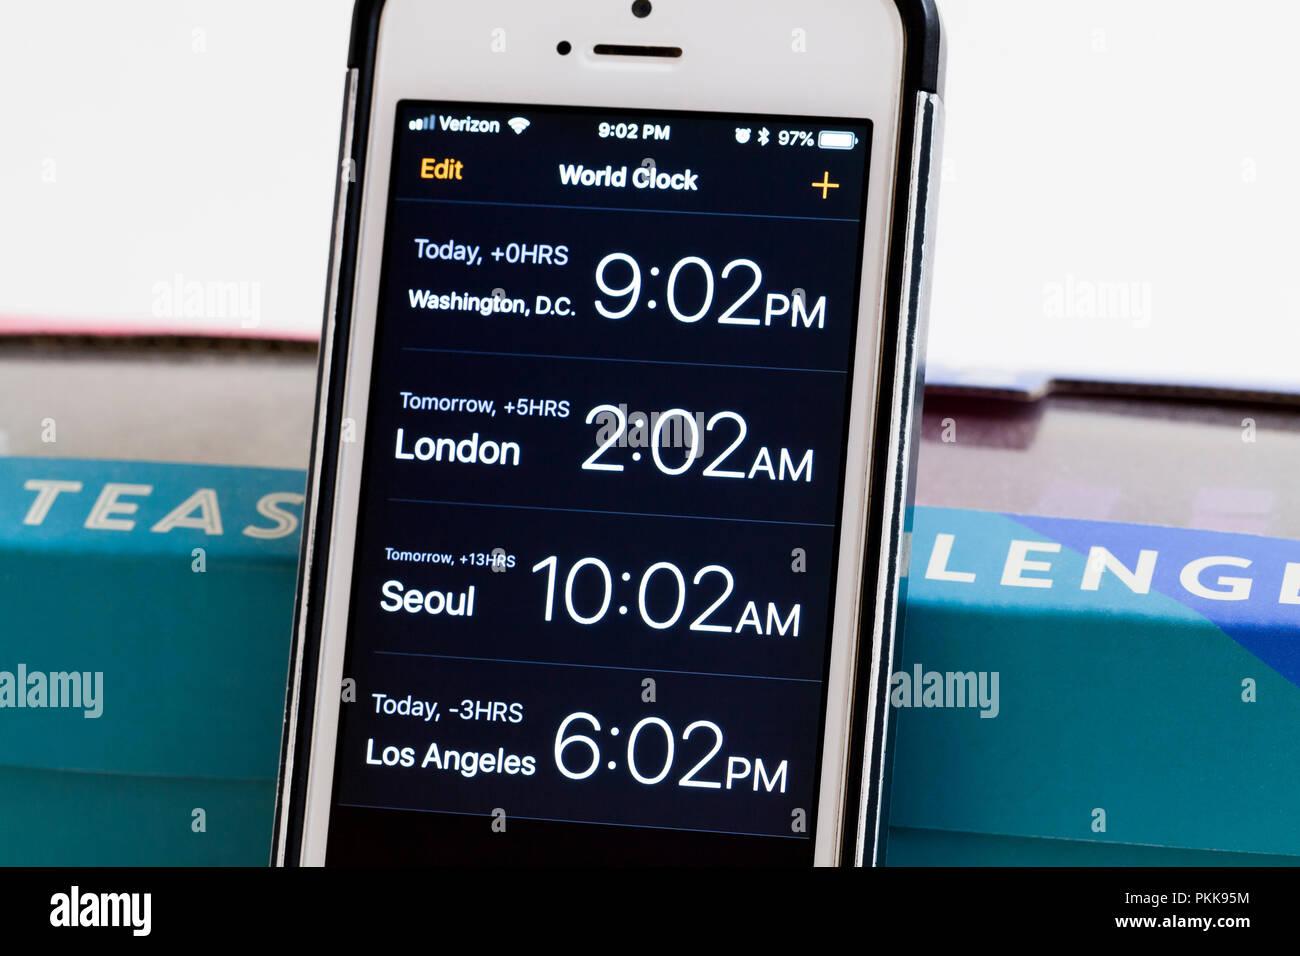 Reloj Wold app del iPhone pantalla - EE.UU. Imagen De Stock